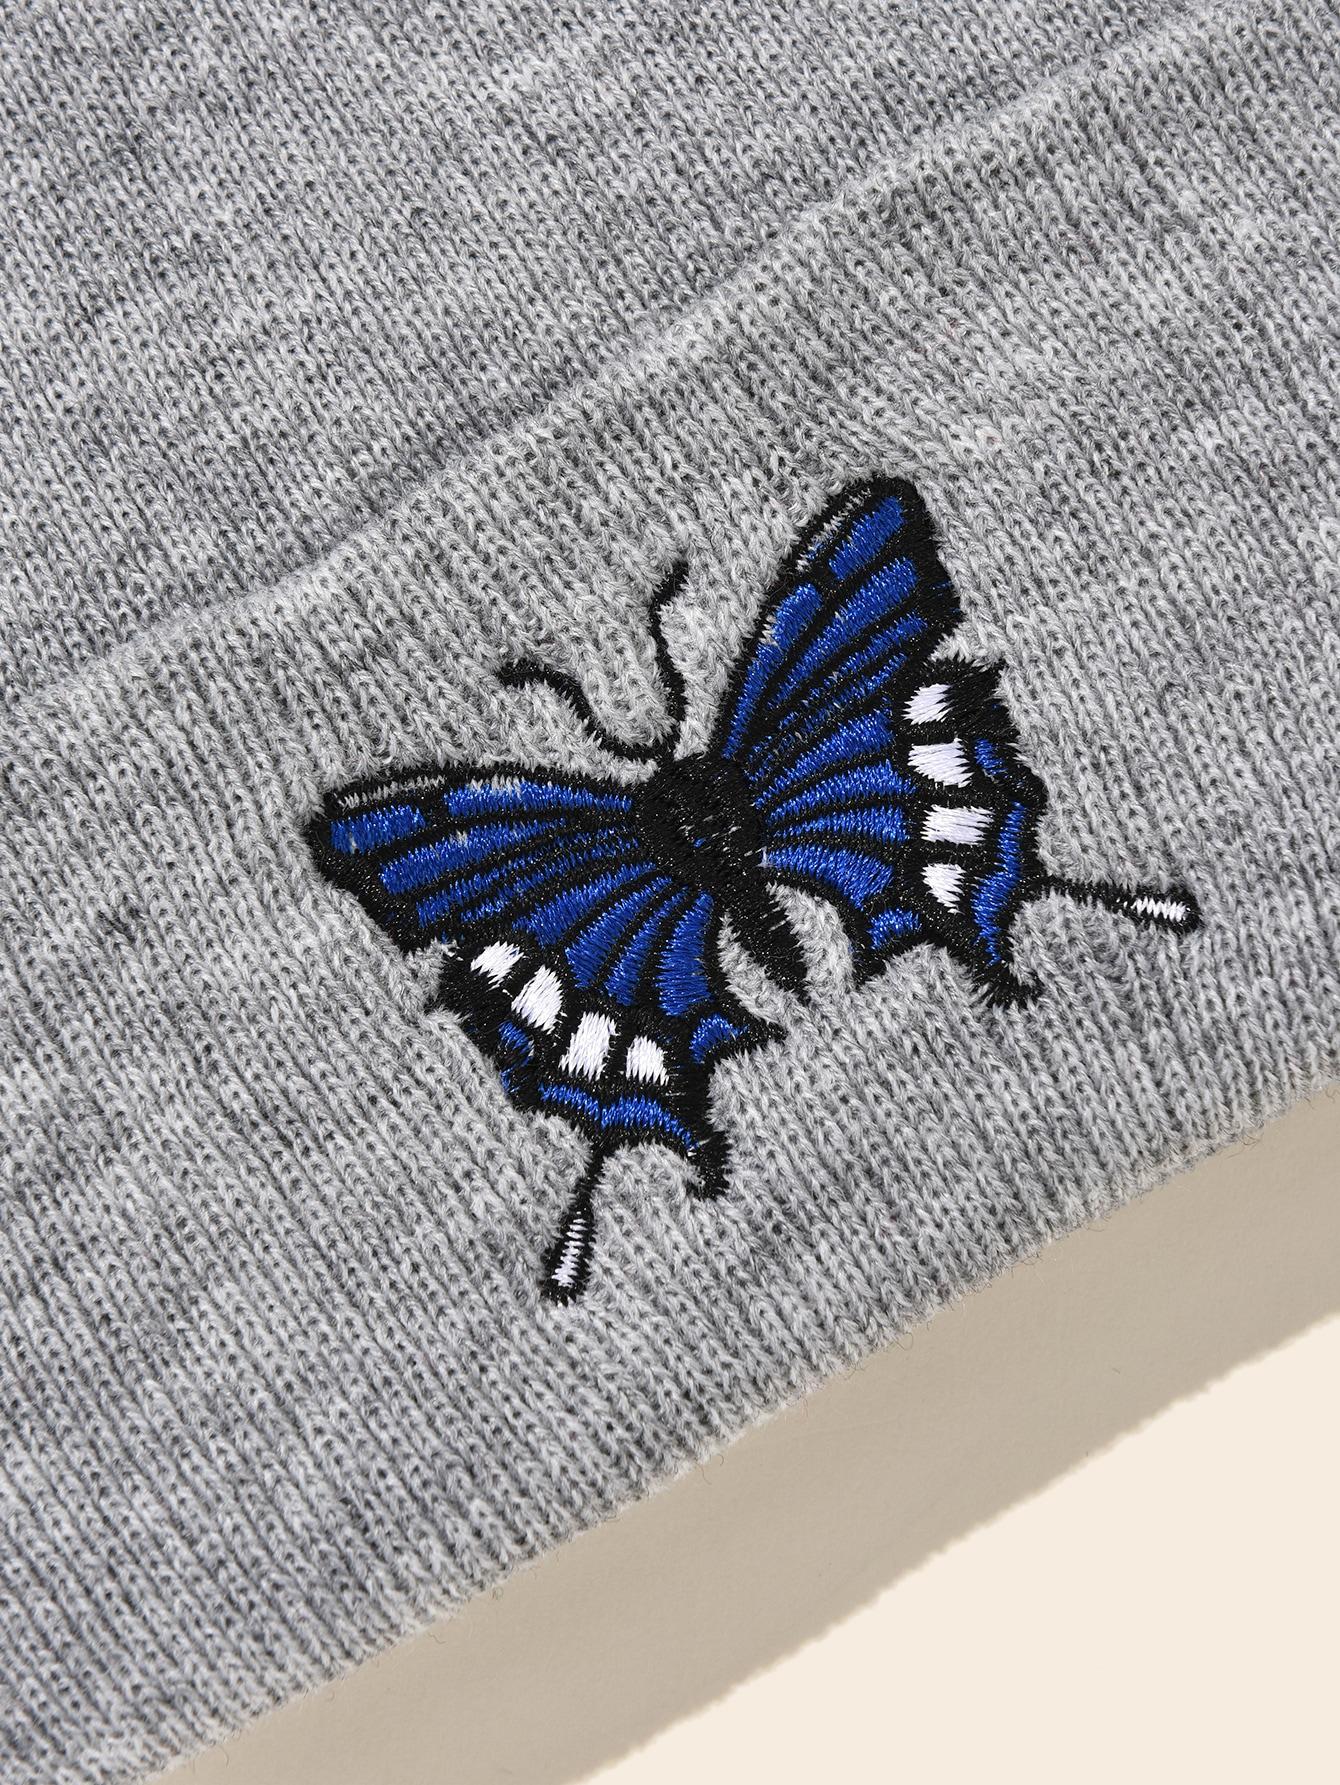 Doitsa Cotton Hat Fashion Frau Baseballm/ütze Schmetterlings-Stickerei-Muster Sonnenhut Hip Hop-Hut Sommer-Hut Sch/öne sporte Erholung Wei/ß zu Reisen